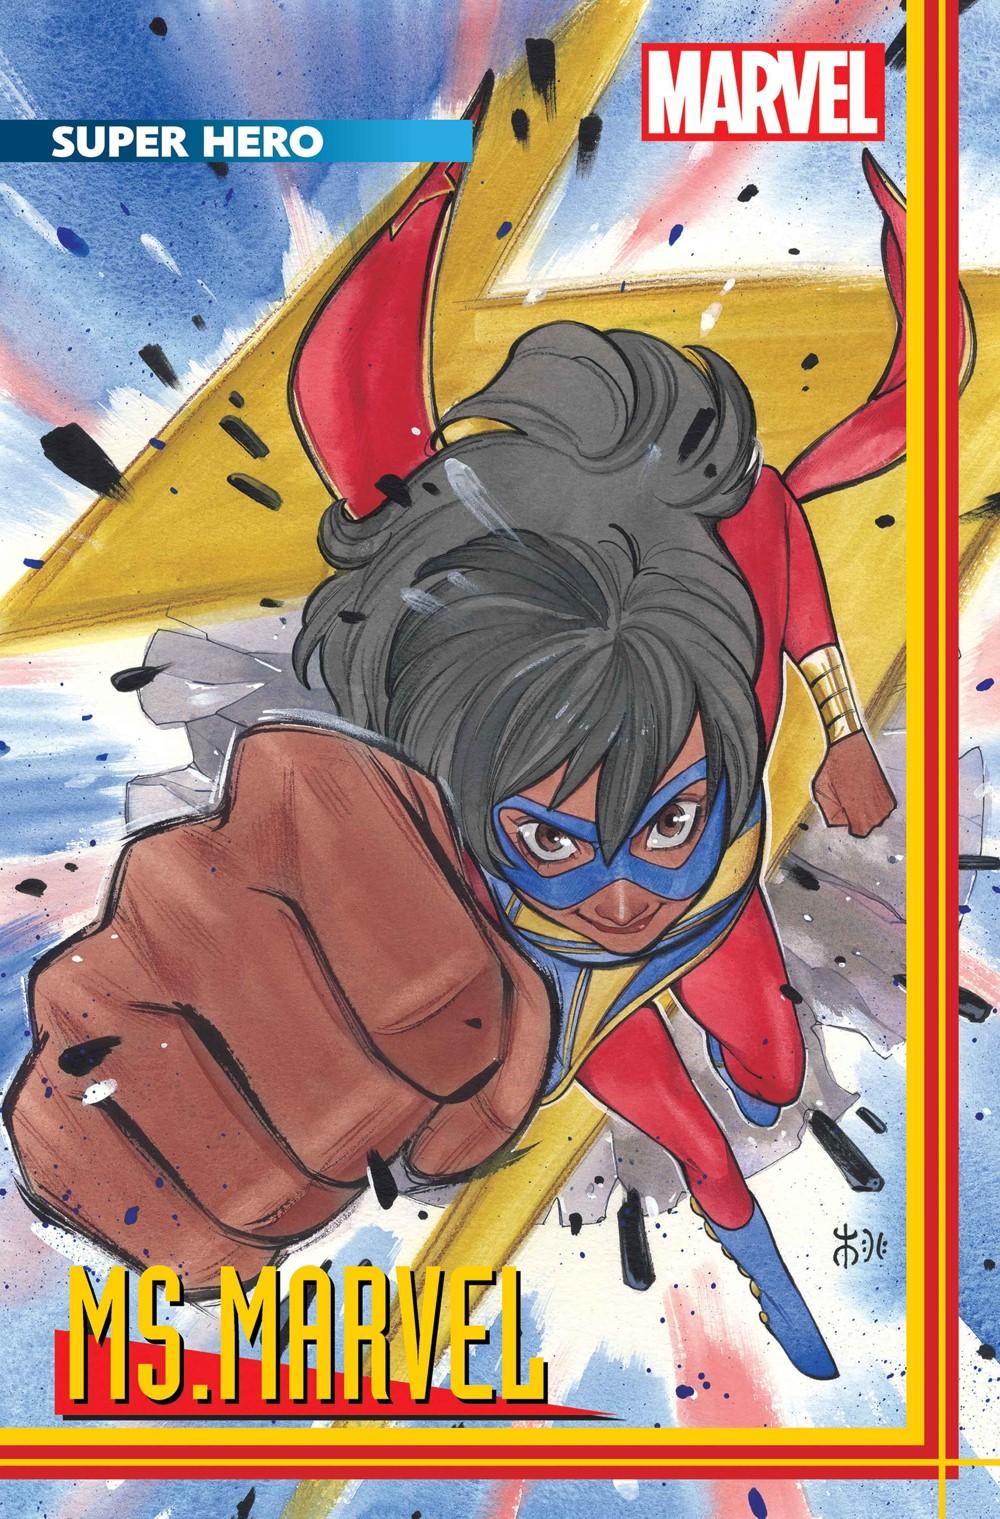 MSMARV2021001_Momoko Marvel Comics September 2021 Solicitations